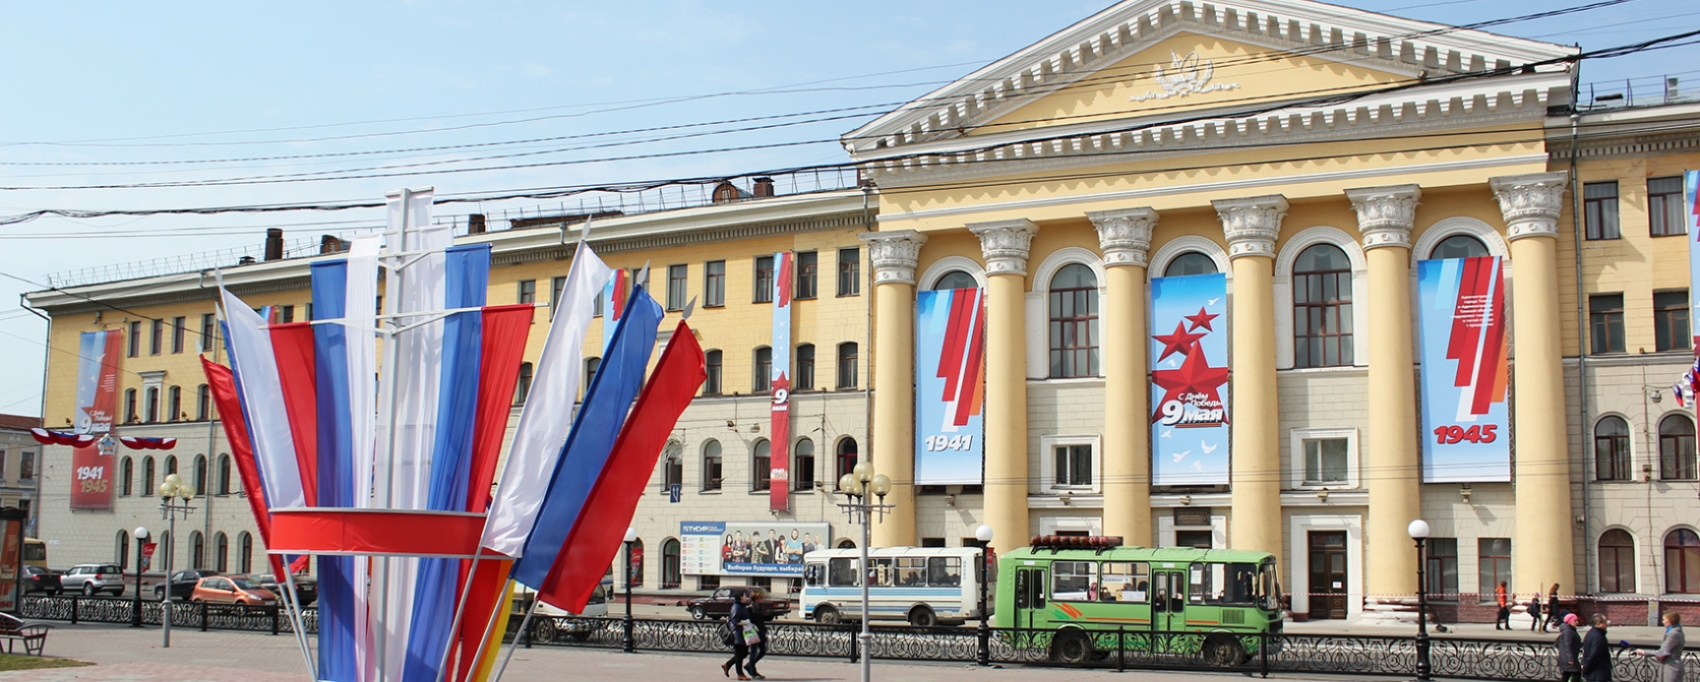 Комплексное оформление города, оформление фасада, 9 мая